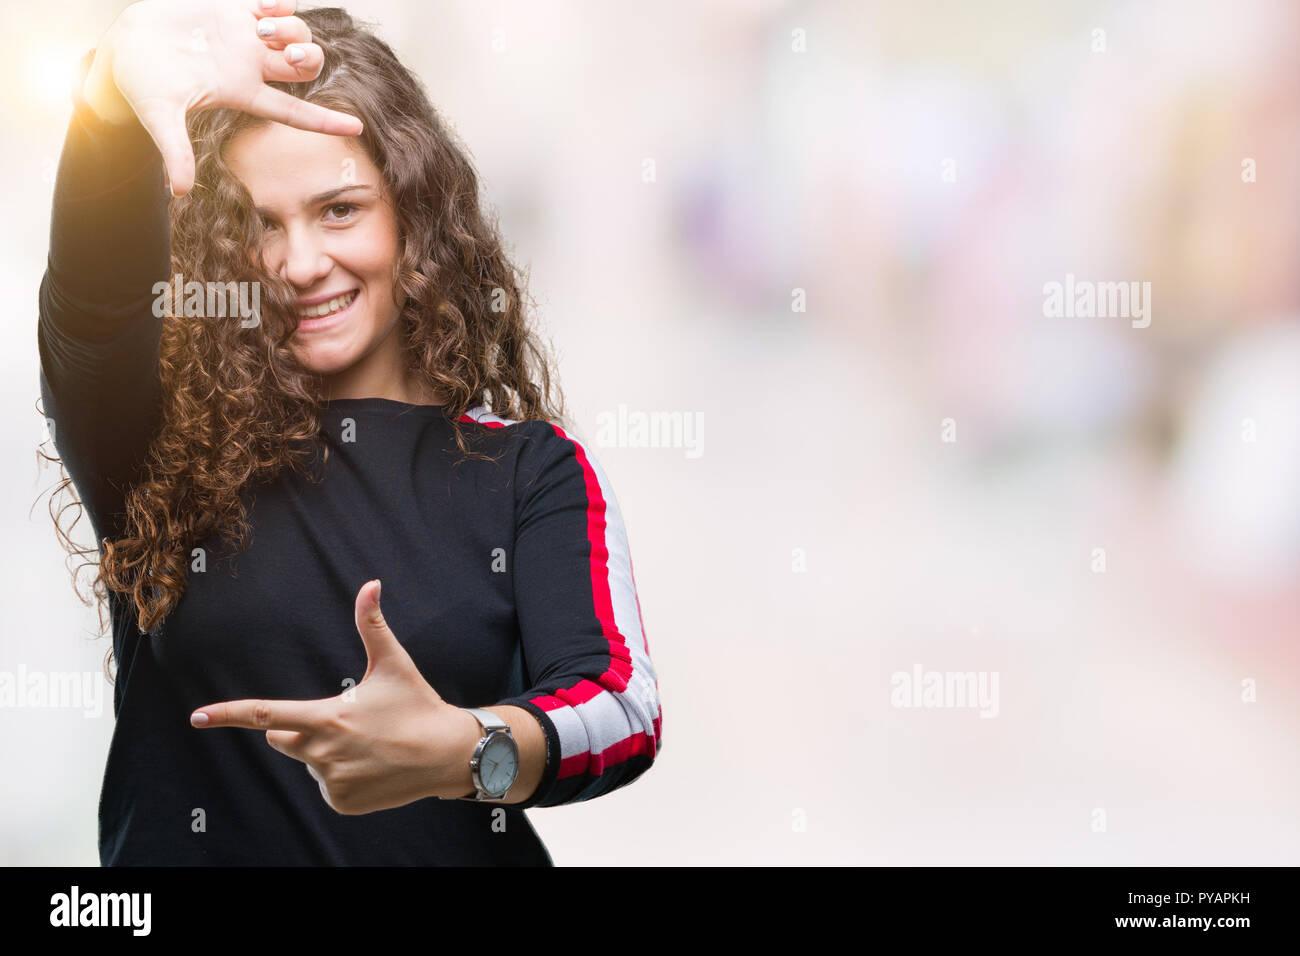 Female Brunette Hair Framing Face Stock Photos & Female Brunette ...